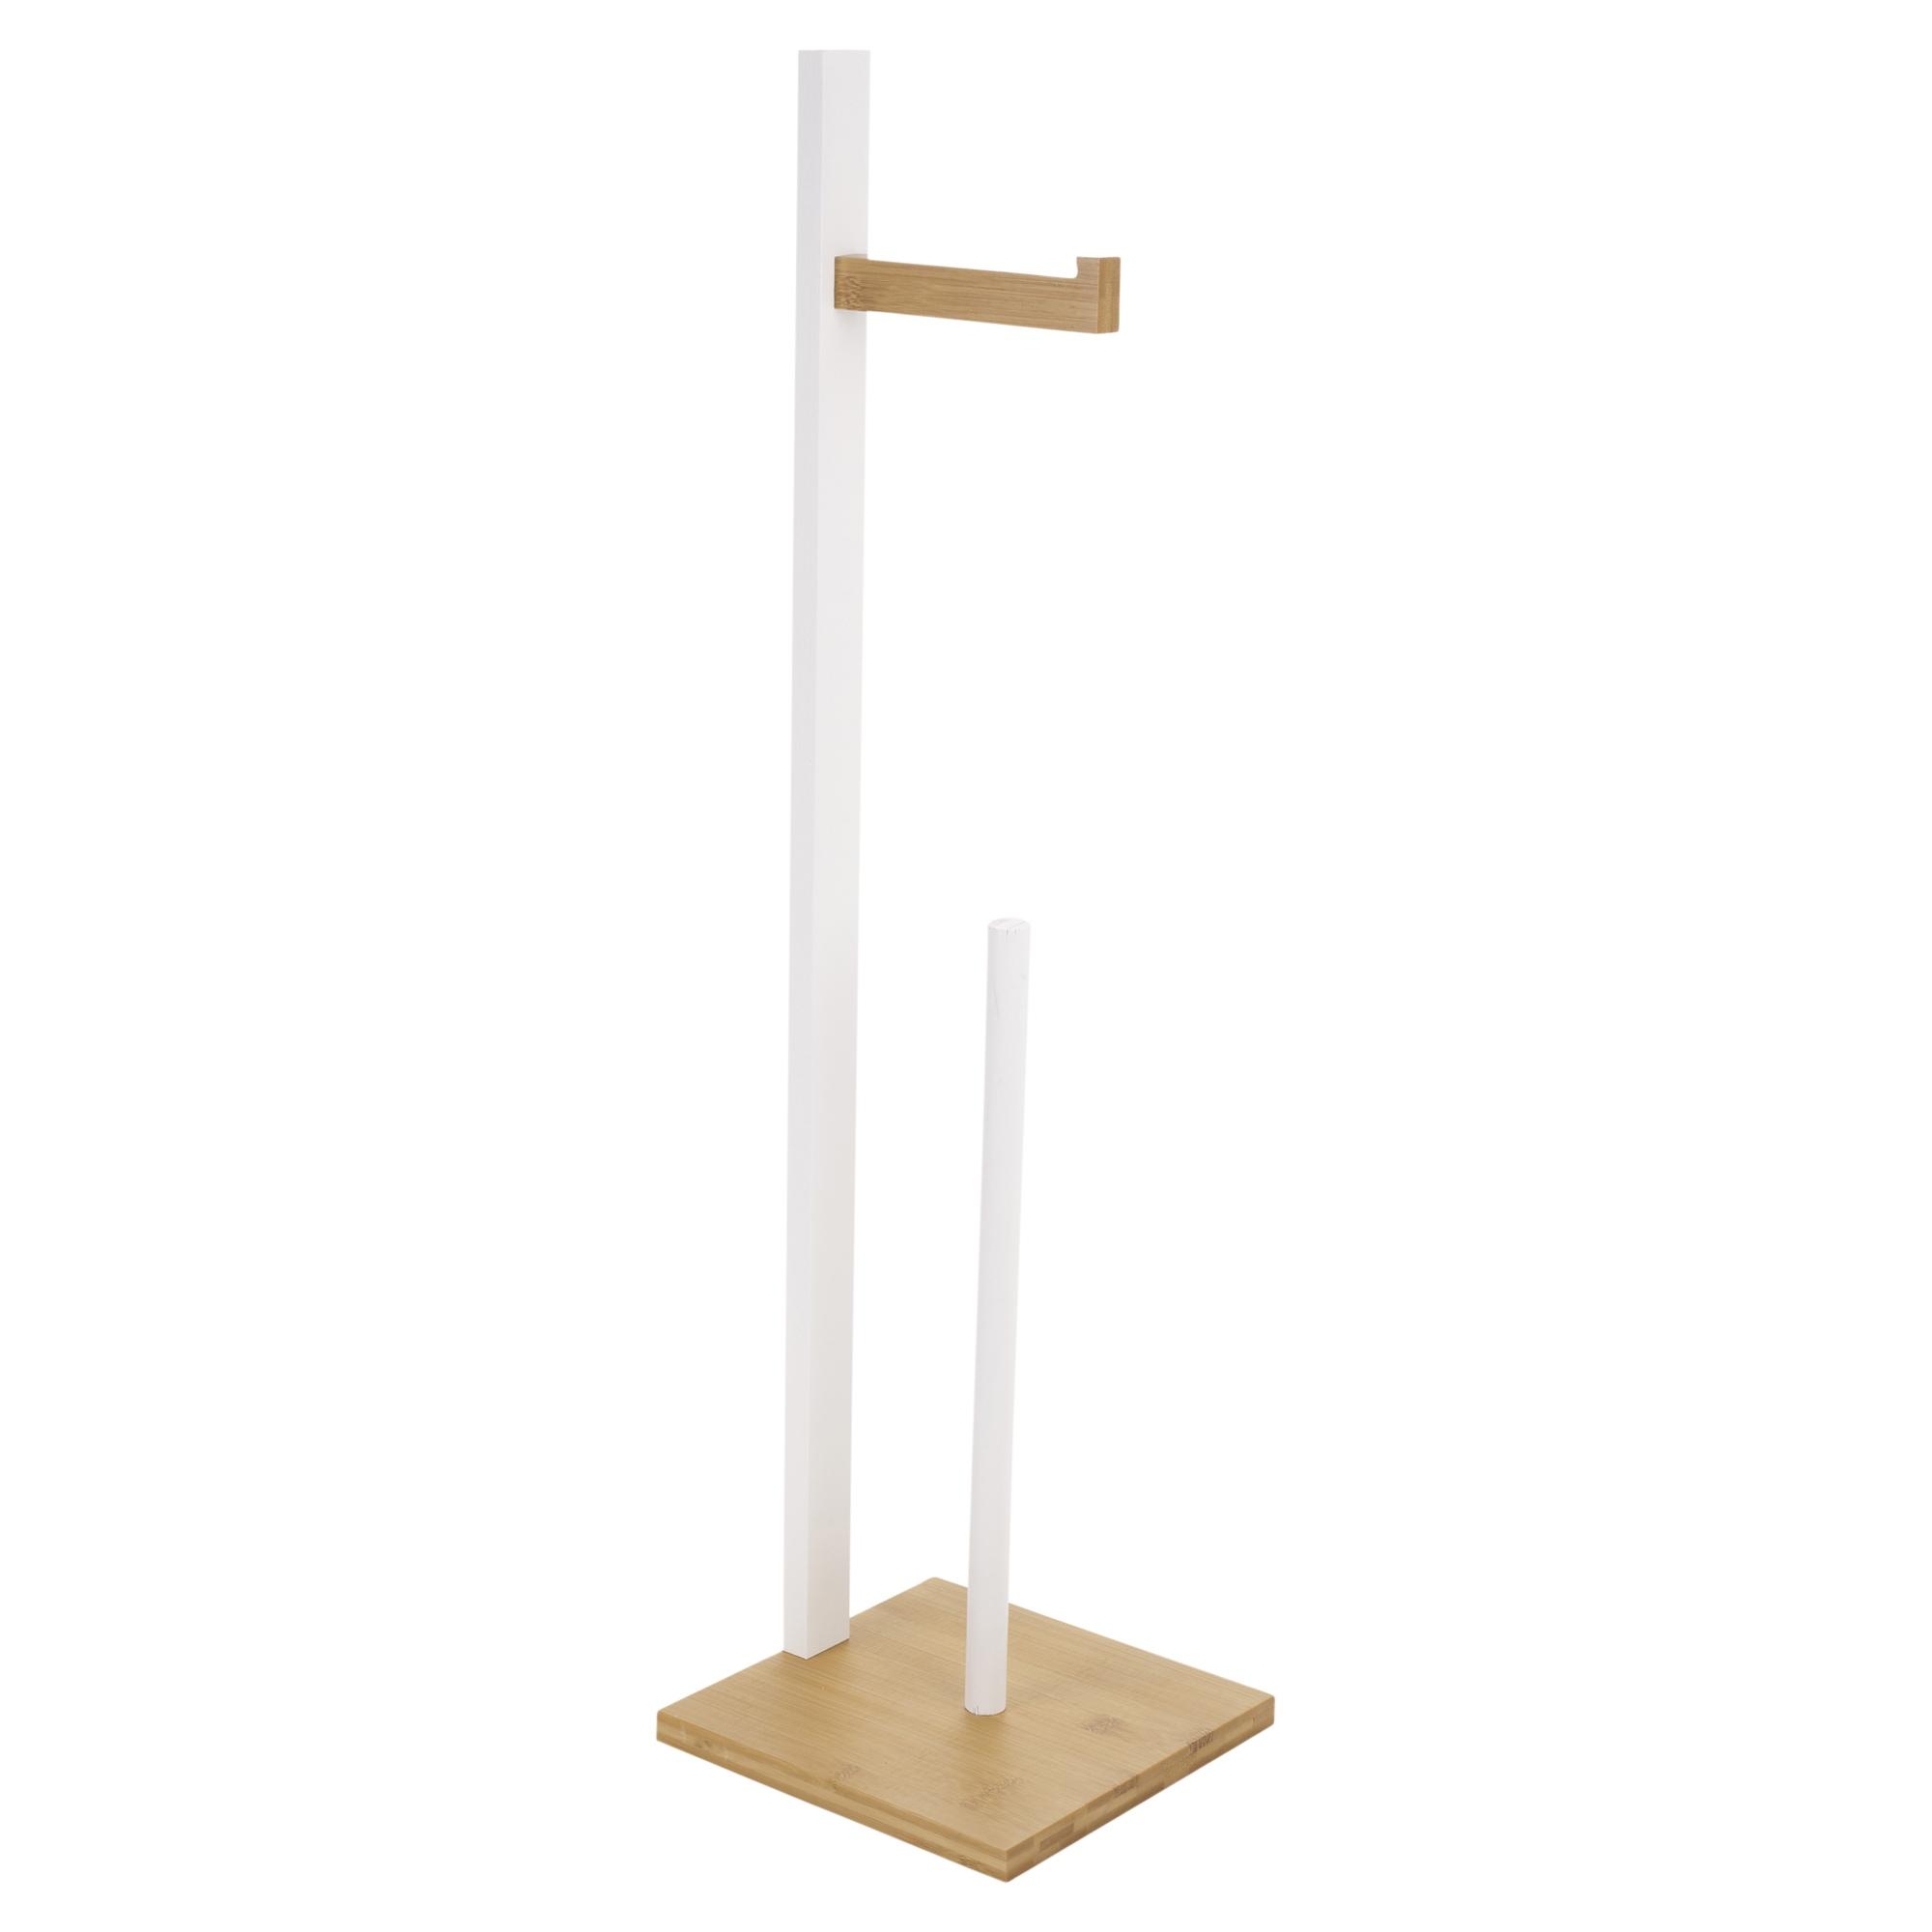 freistehend holz toilettenpapier rollen halter gewebe spender aufbewahrung stand ebay. Black Bedroom Furniture Sets. Home Design Ideas